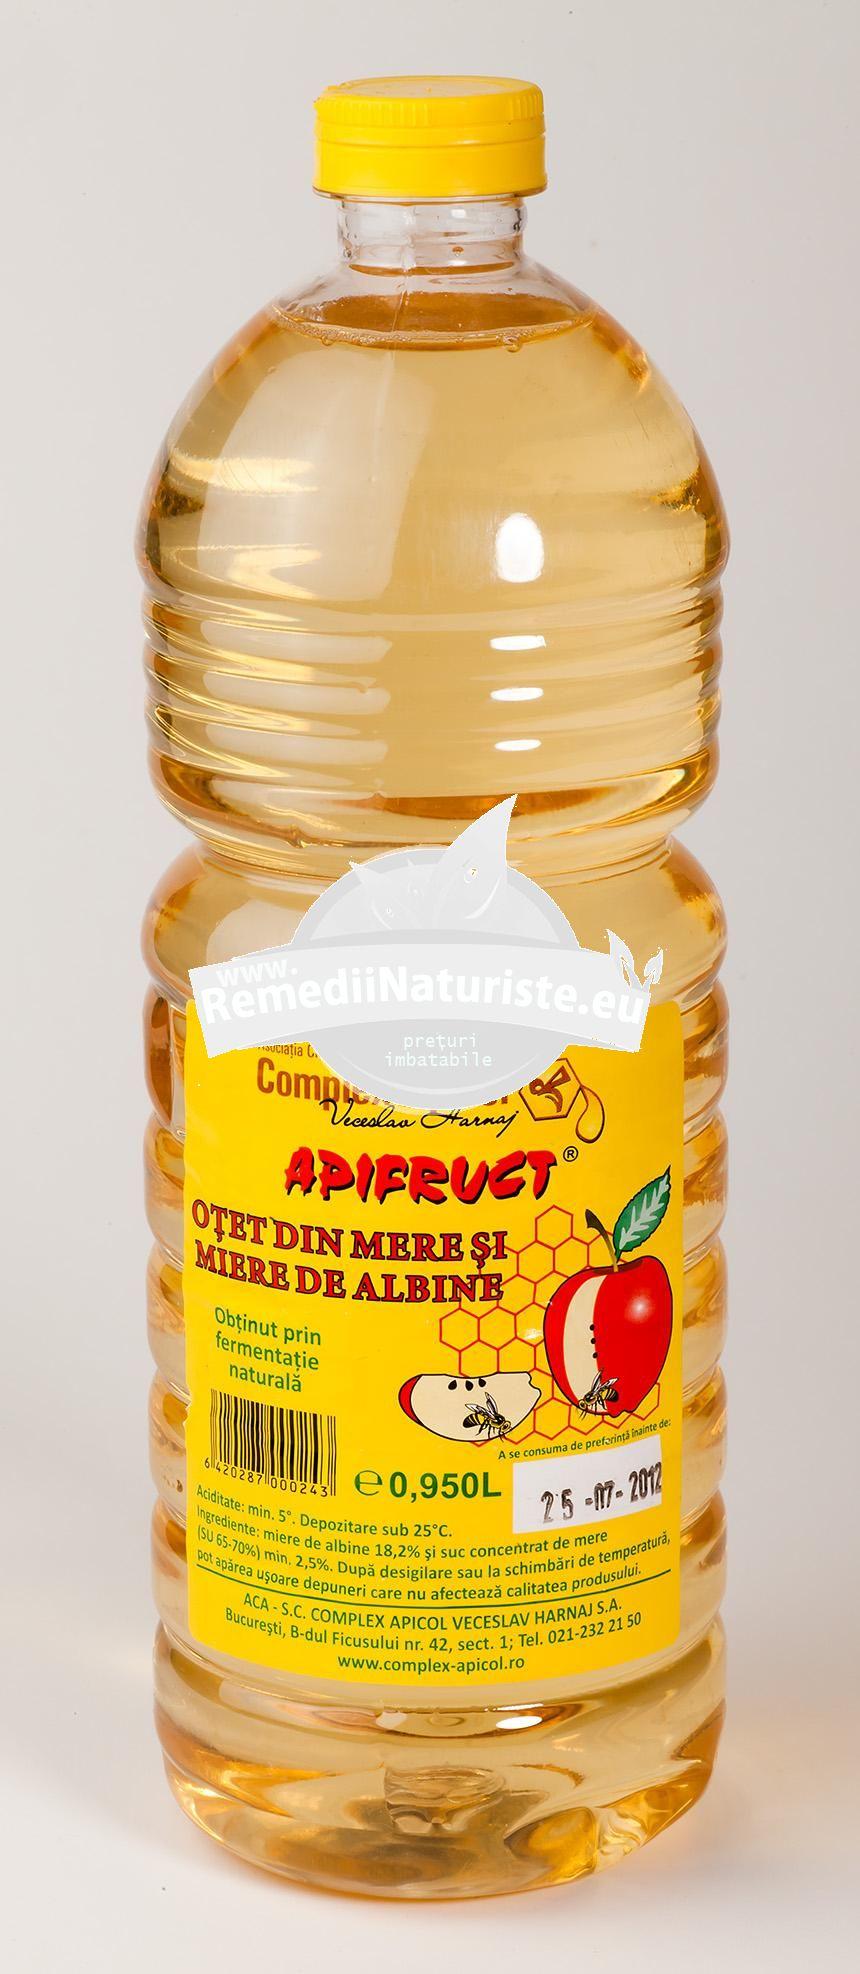 Tratamente apicole si stimulenti